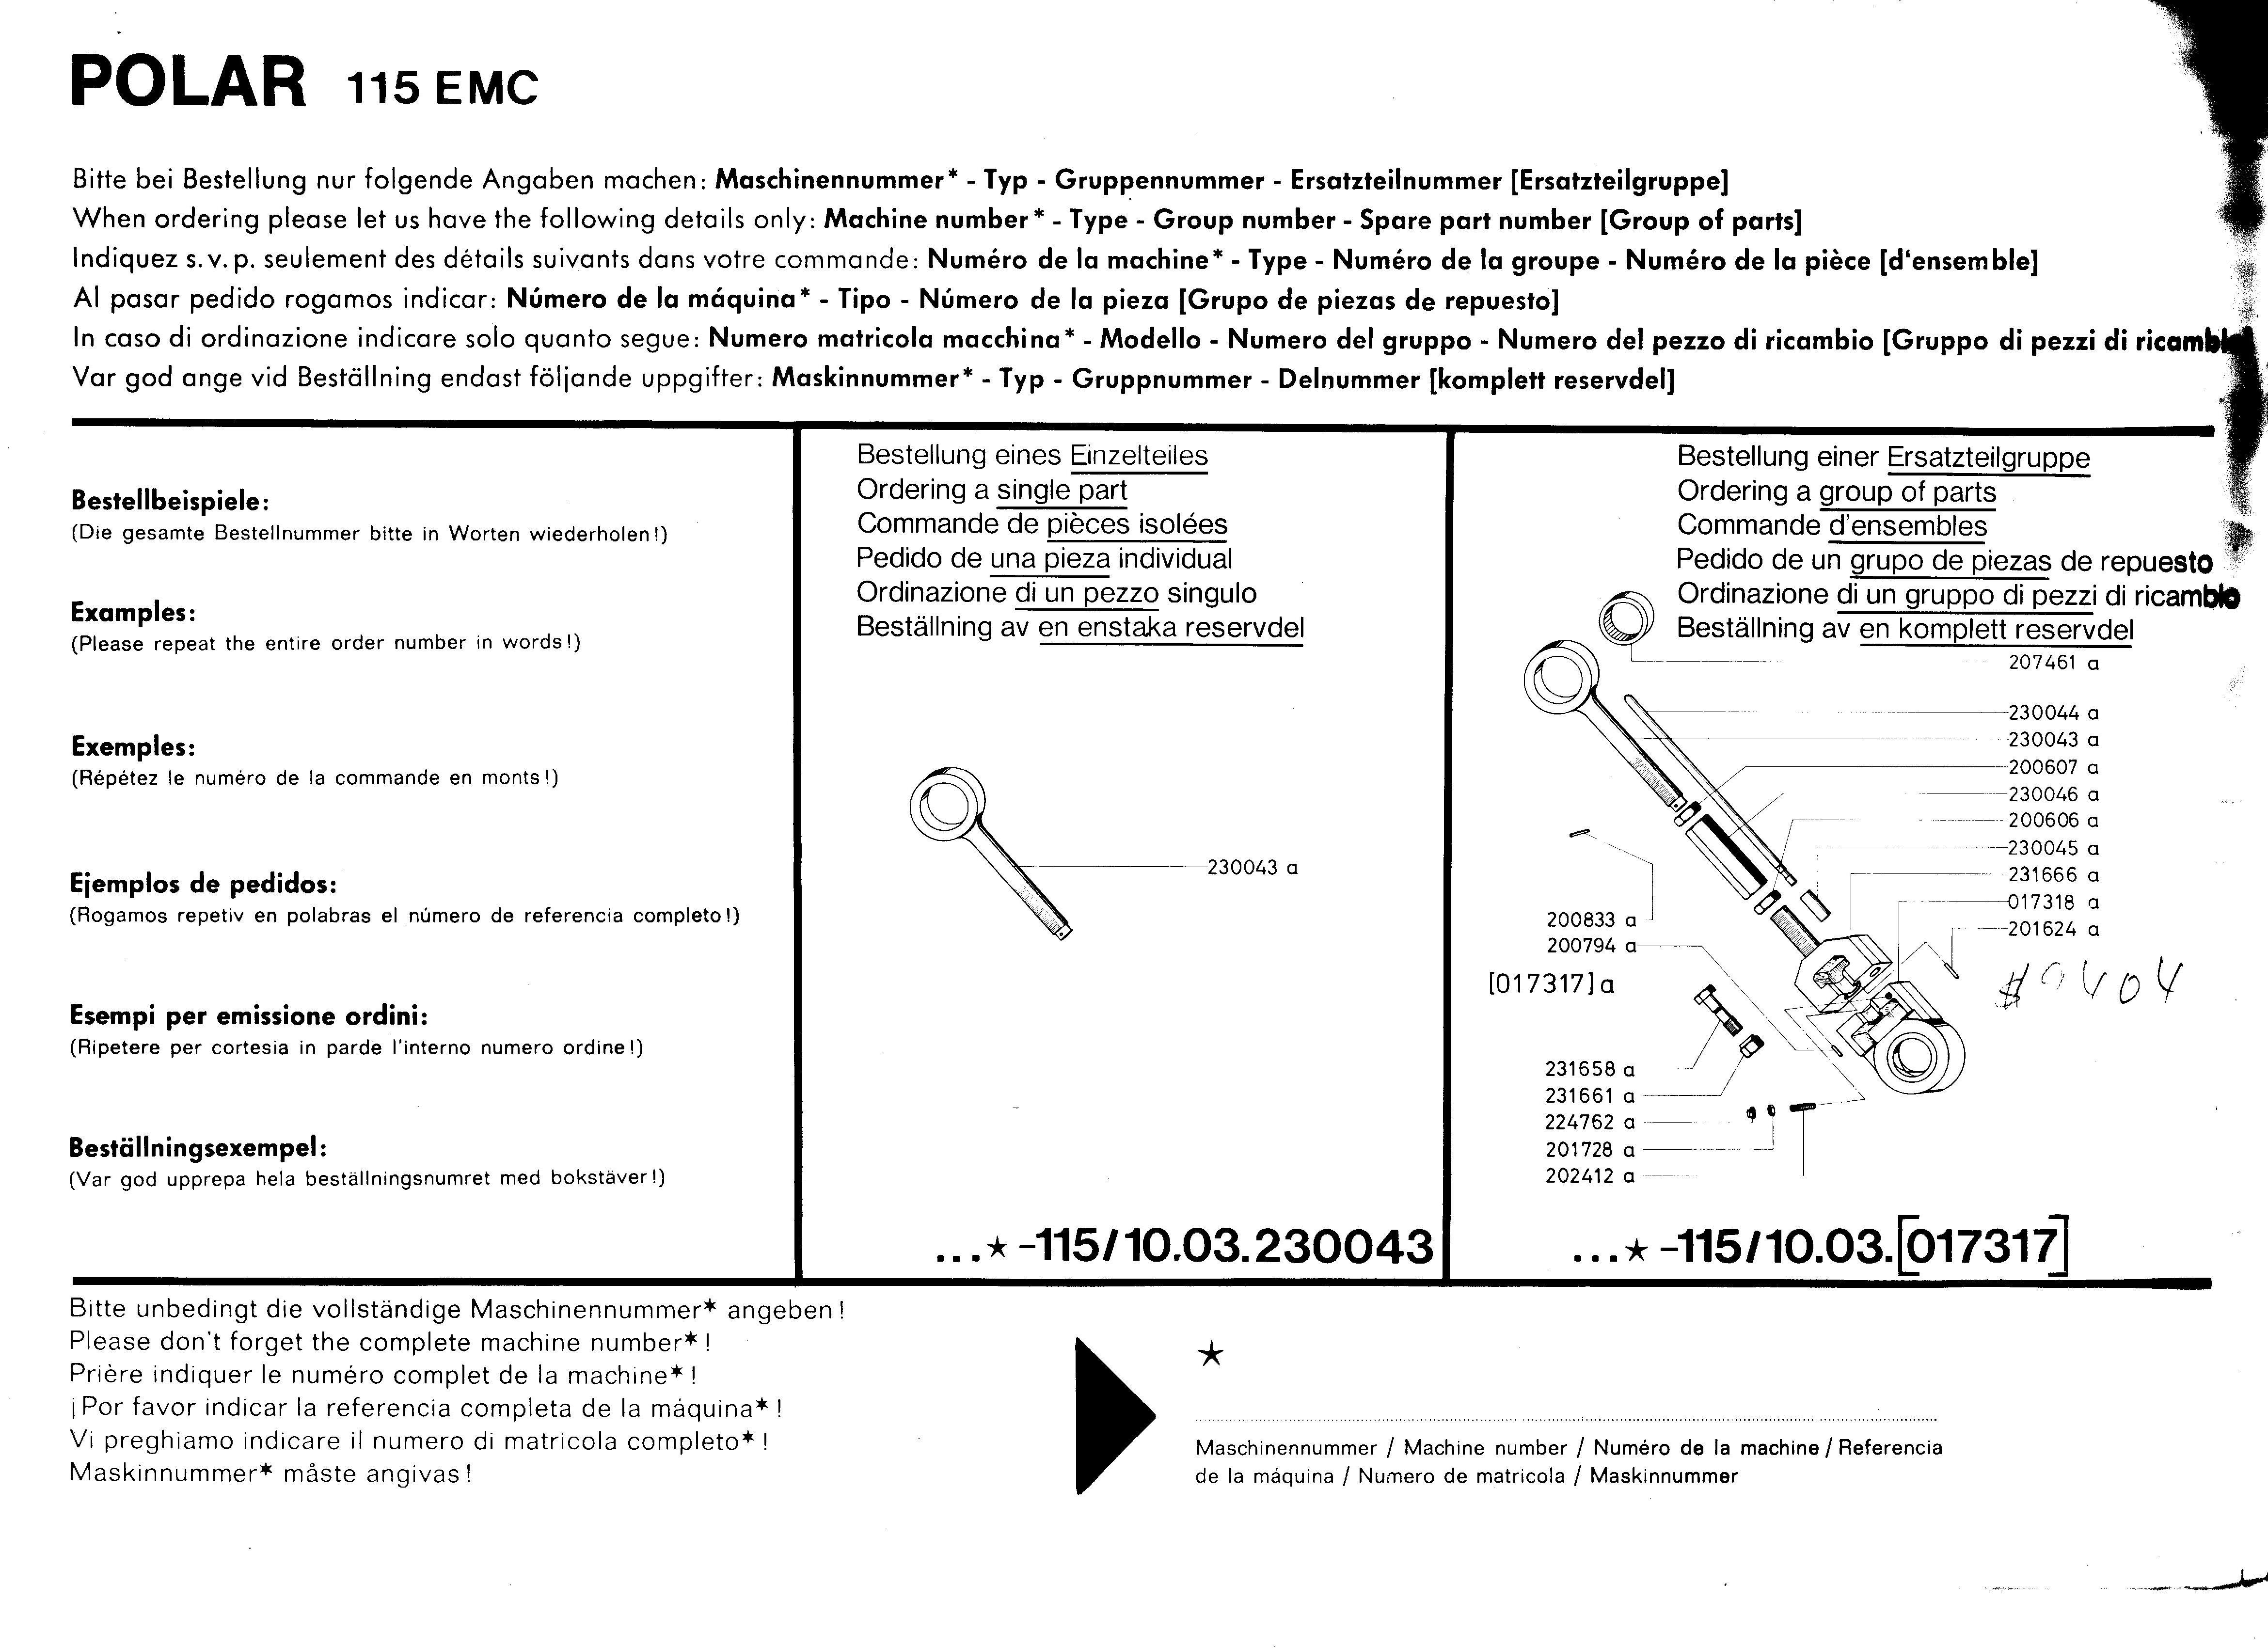 Polar 115EMC---001